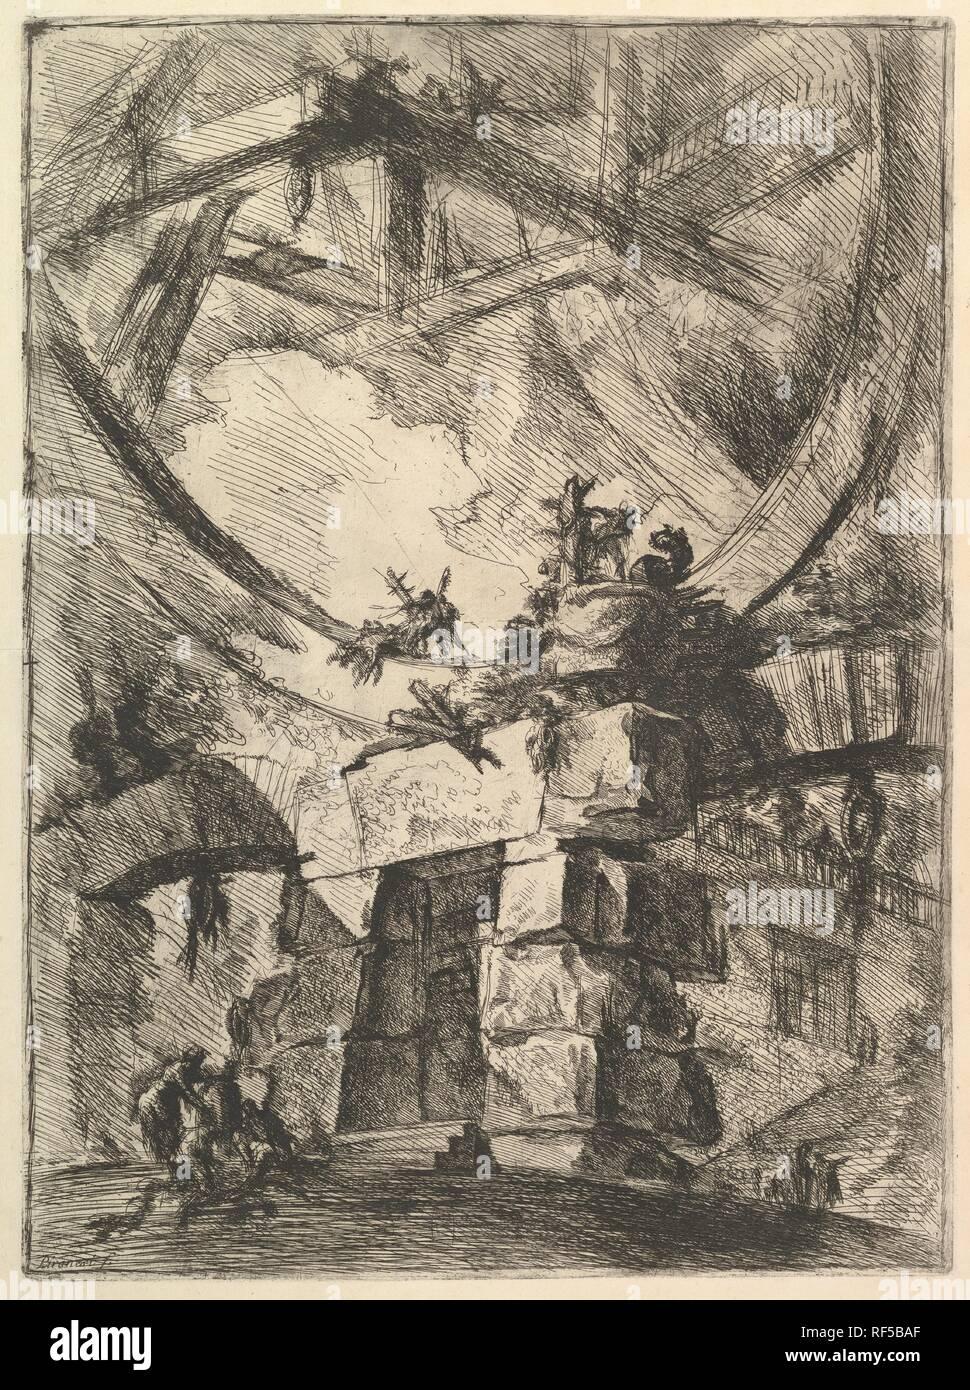 La ruota gigante, dalle Carceri d'invenzioni (immaginaria carceri). Artista: Giovanni Battista Piranesi (italiano, Mogliano Veneto Roma 1720-1778). Dimensioni: foglio: 25 1/16 x 19 1/2 in. (63,6 x 49,5 cm) Piastra: 21 5/8 x 16 1/16 in. (55 x 40,8 cm). Editore: Giovanni Bouchard (francese, ca. 1716-1795). Serie/Portfolio: Carceri d'invenzione (immaginaria carceri). Data: ca. 1749-50. Museo: Metropolitan Museum of Art di New York, Stati Uniti d'America. Foto Stock